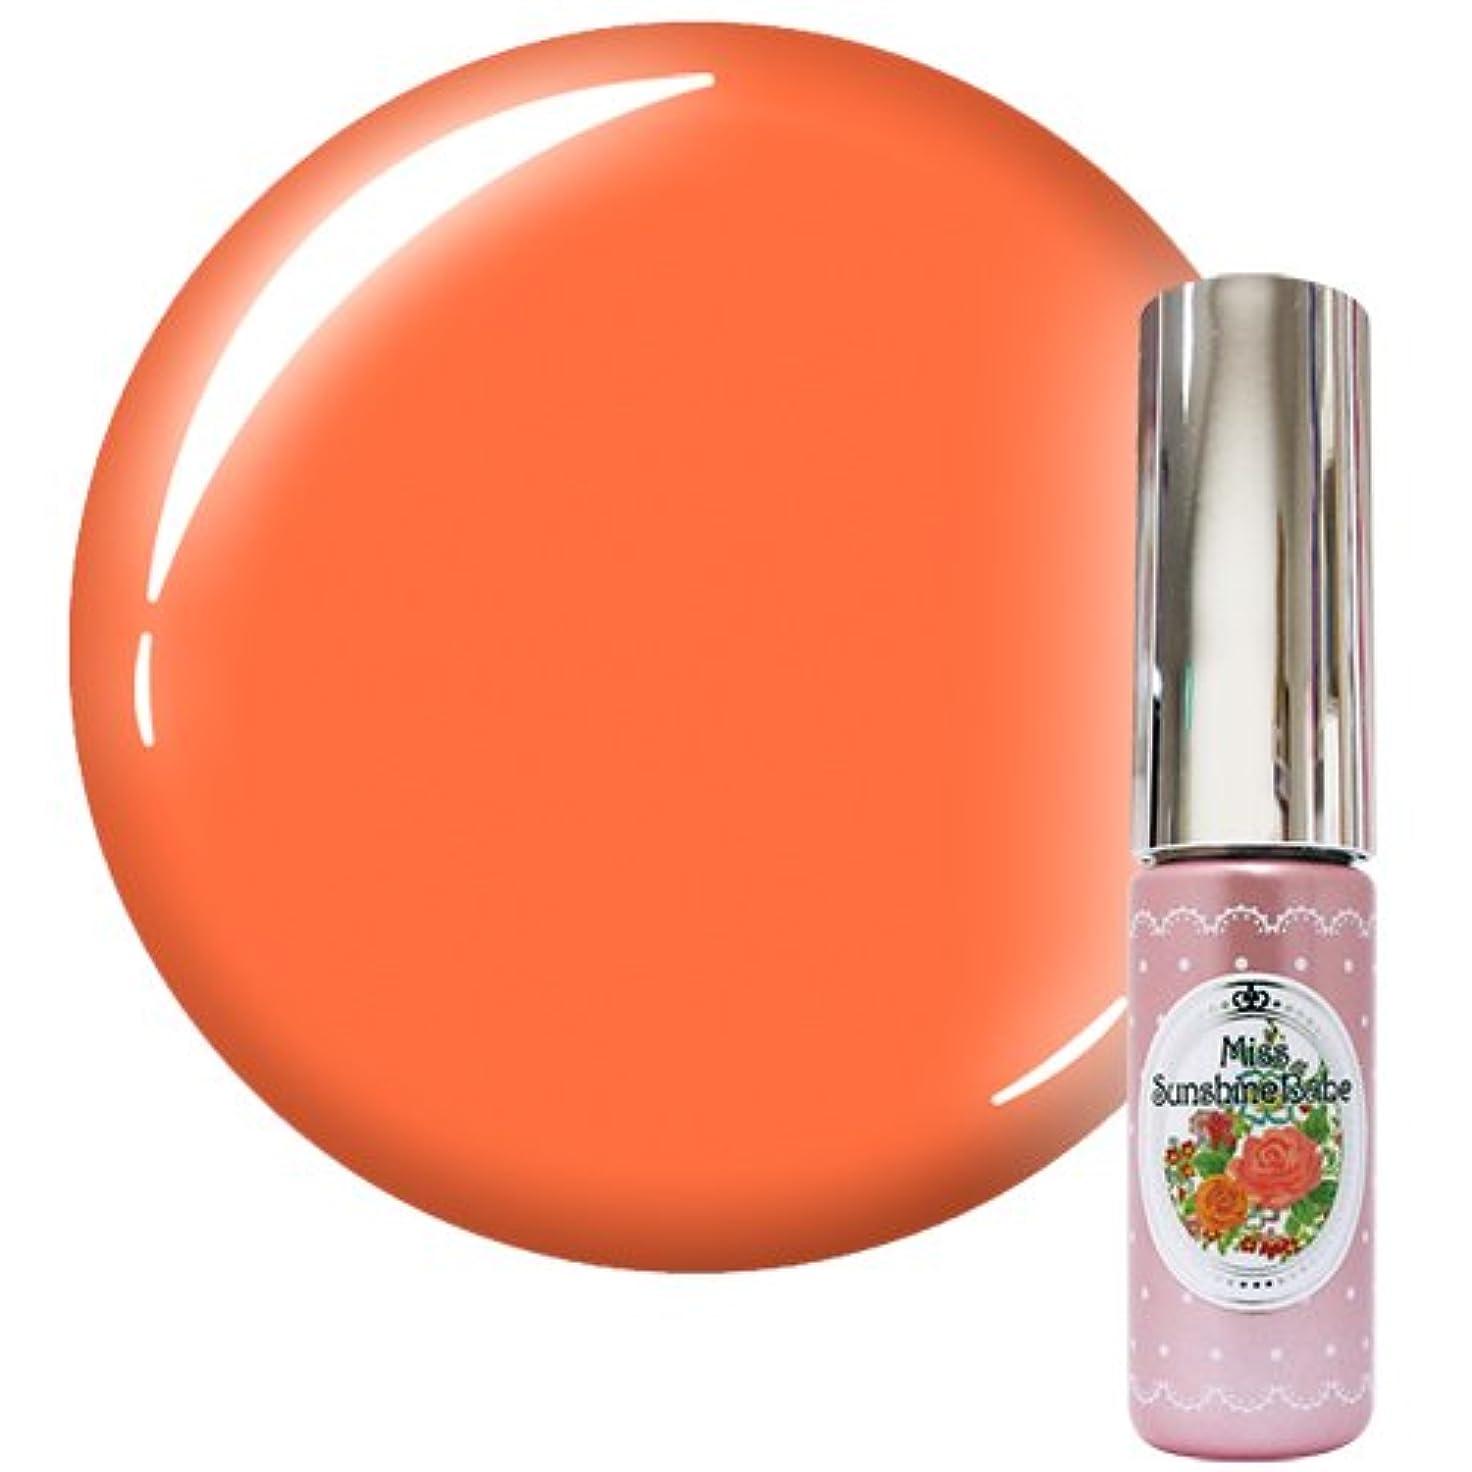 呼びかけるパイントオーバーランMiss SunshineBabe ミス サンシャインベビー カラージェル MC-33 5g サマーパステルオレンジ